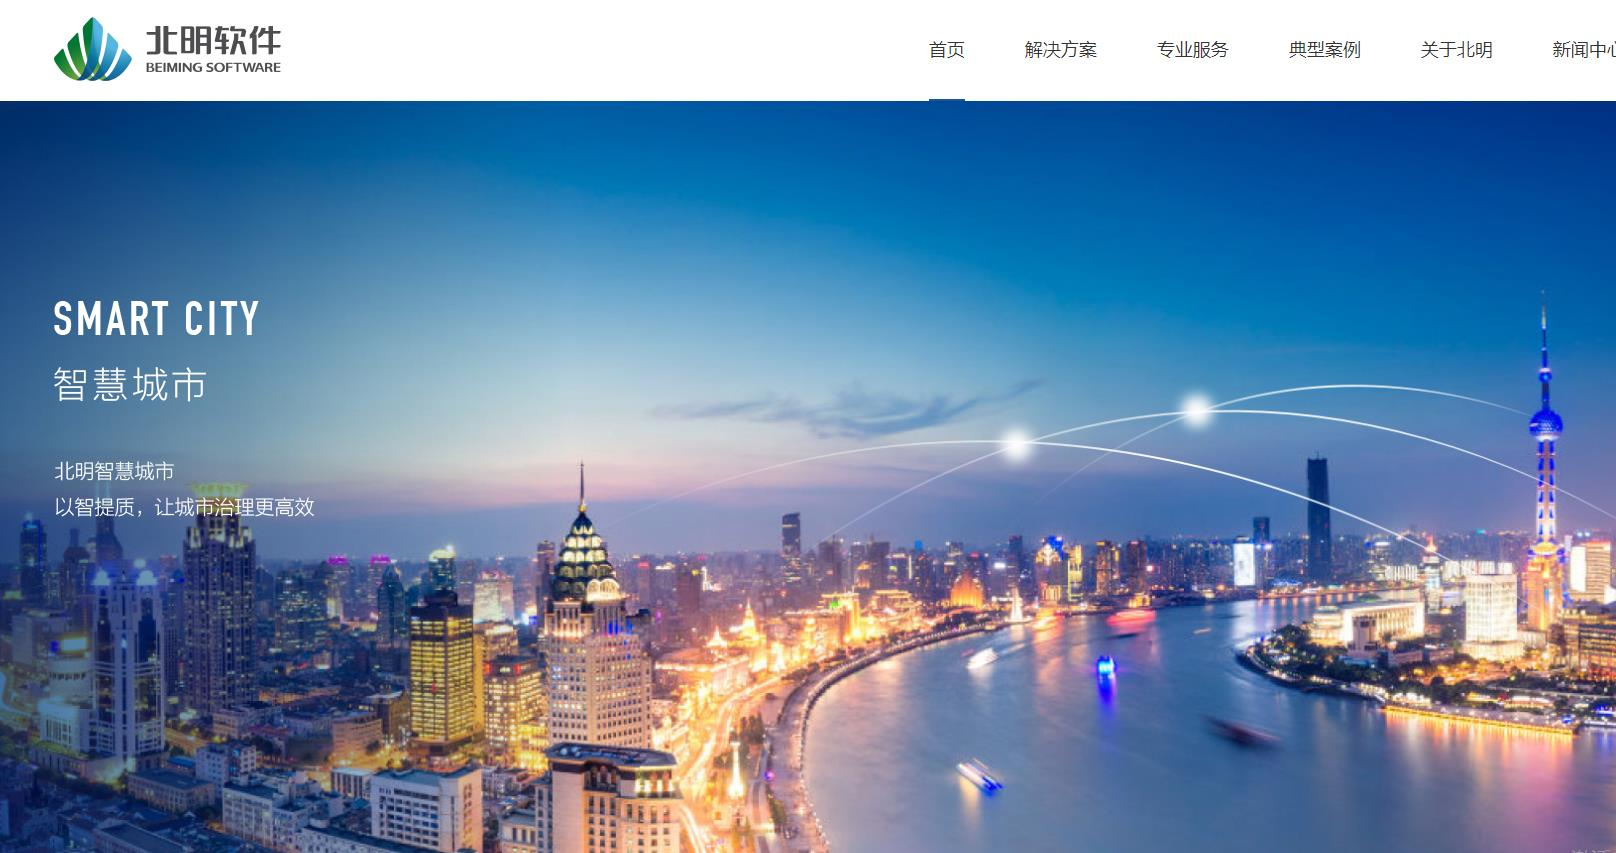 北明软件有限公司粤港澳大湾区区域一体